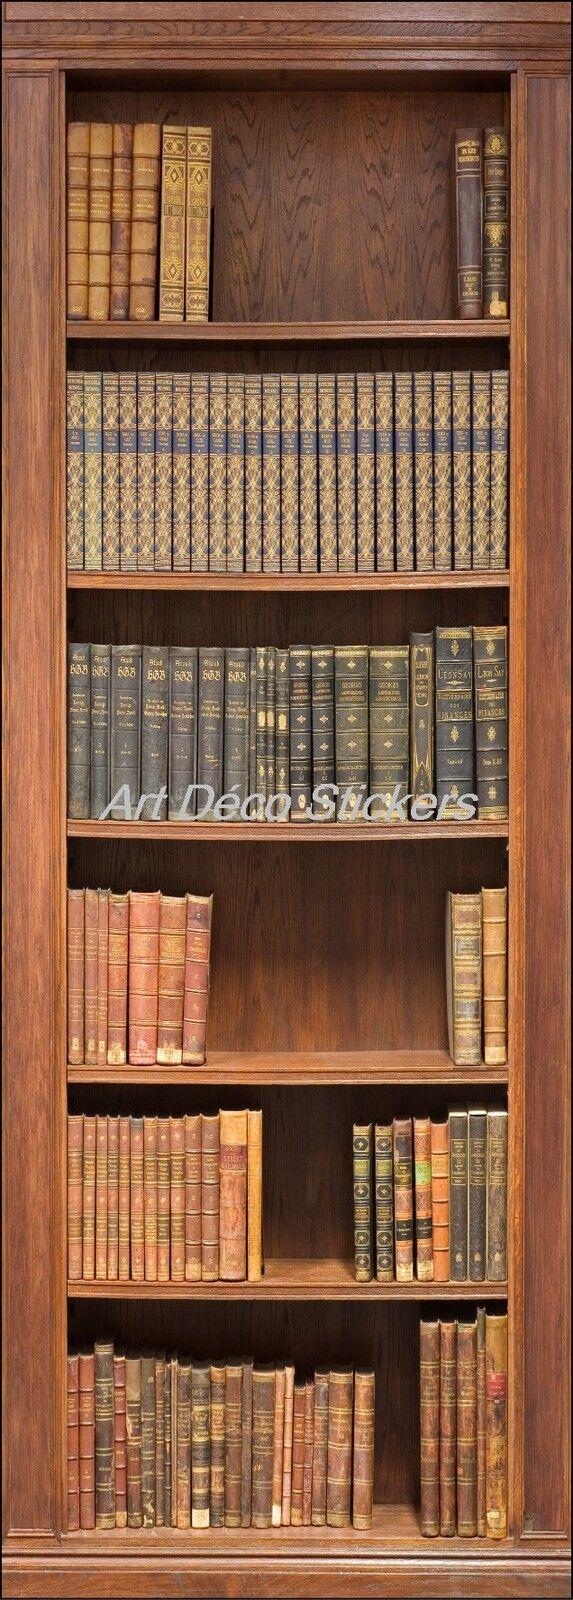 Cartel Póster Puerta Decoración Trampantojo Biblioteca Ref 201 (4 Tallas)